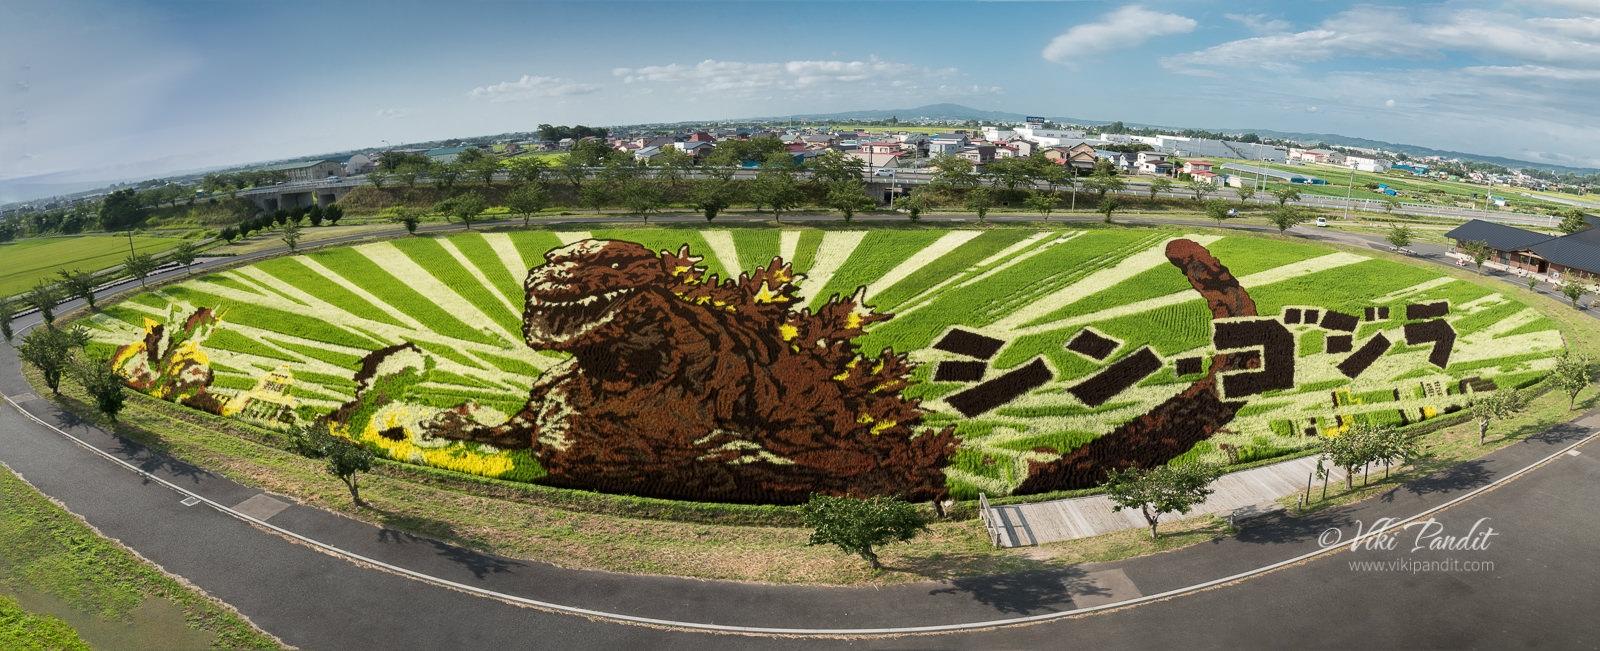 Inakadate-Tanbo-Rice-Art-Shin-Godzilla